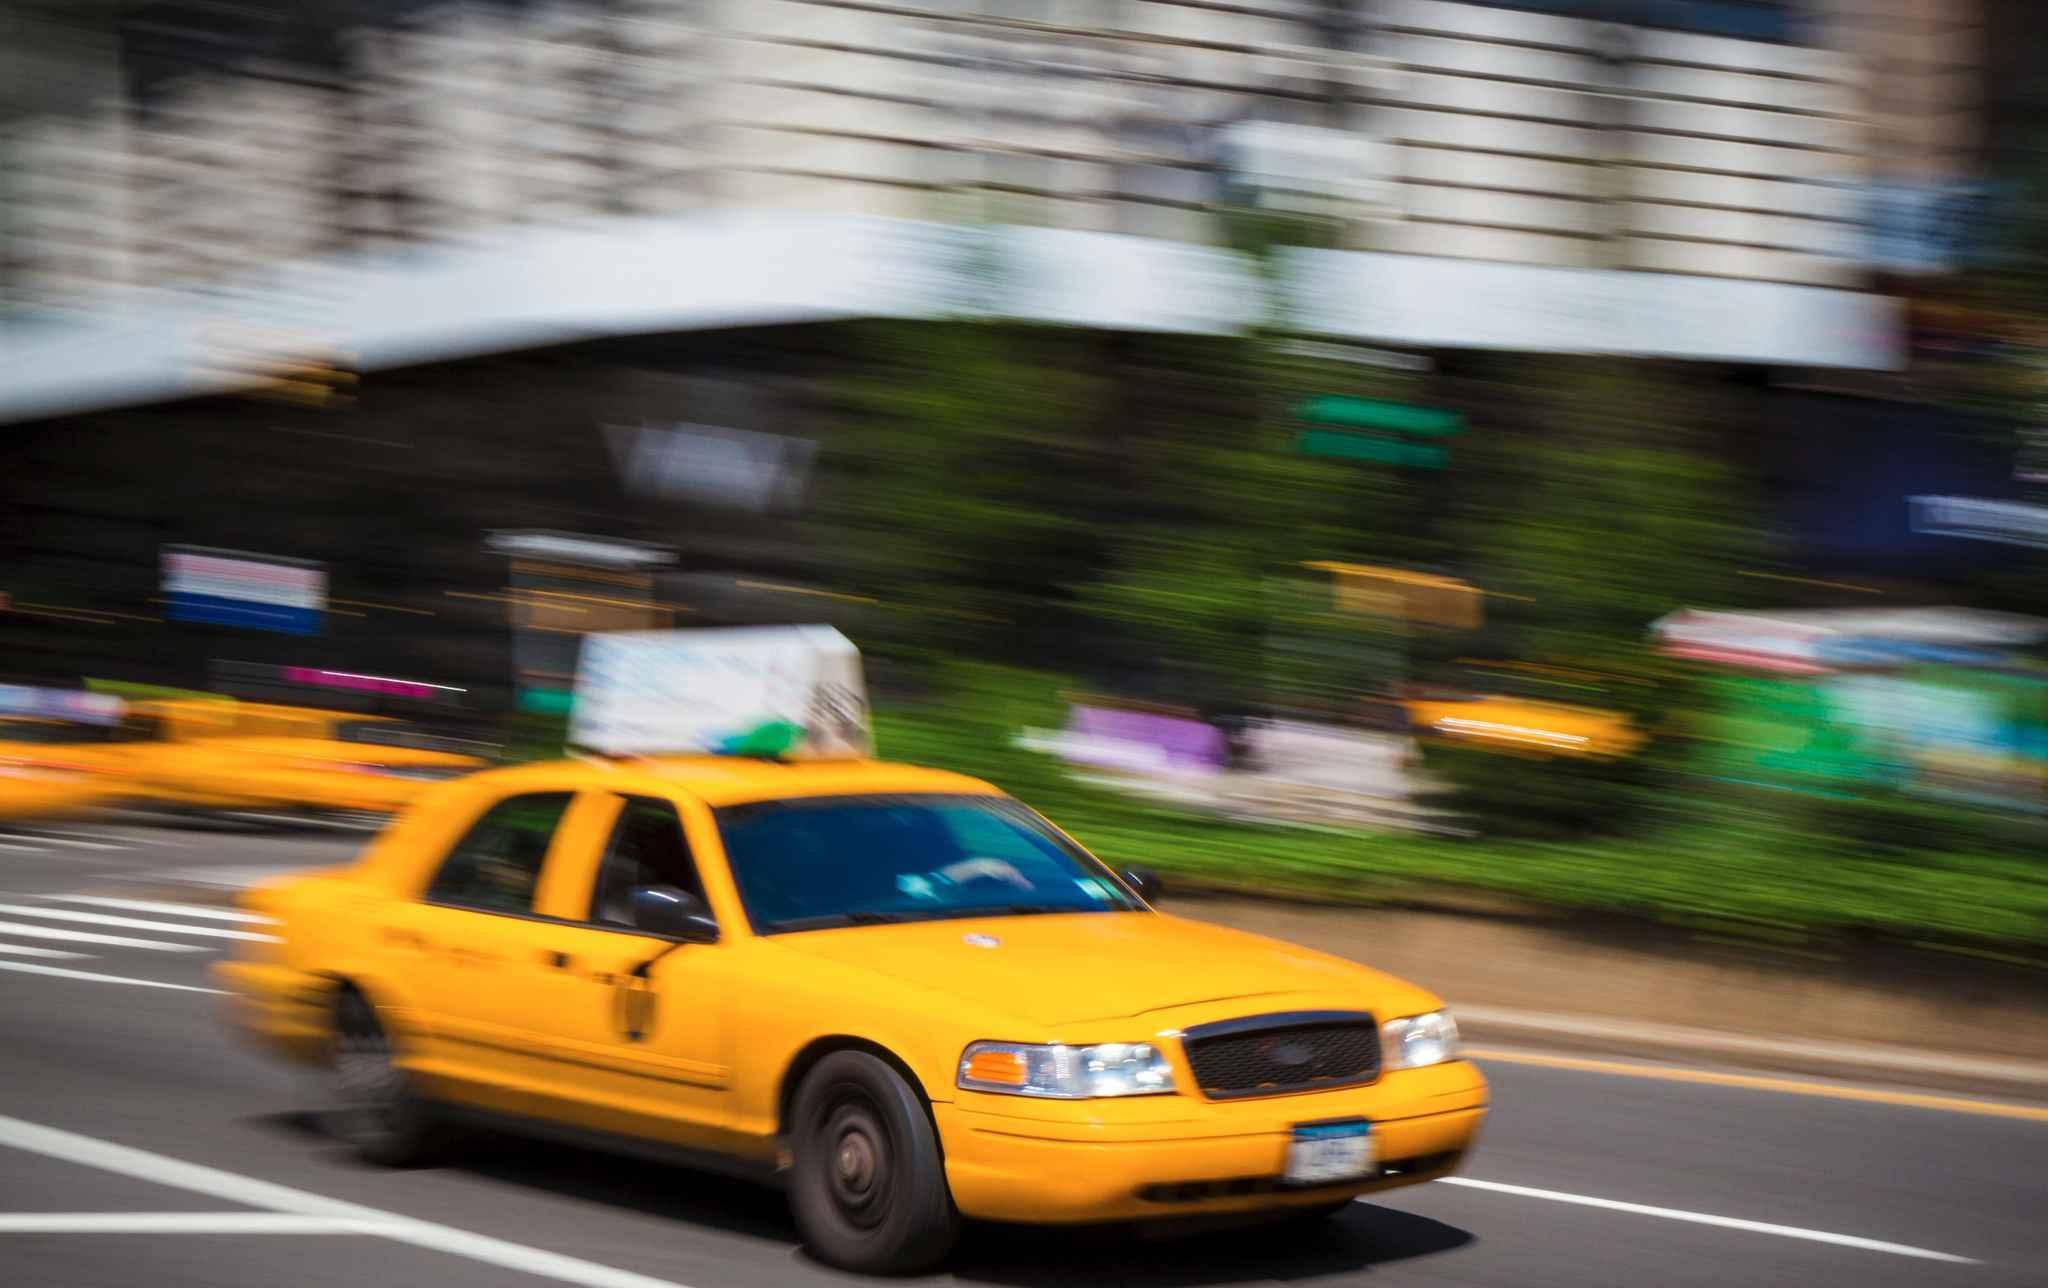 selon une tude les taxis jaunes ont moins d 39 accidents. Black Bedroom Furniture Sets. Home Design Ideas